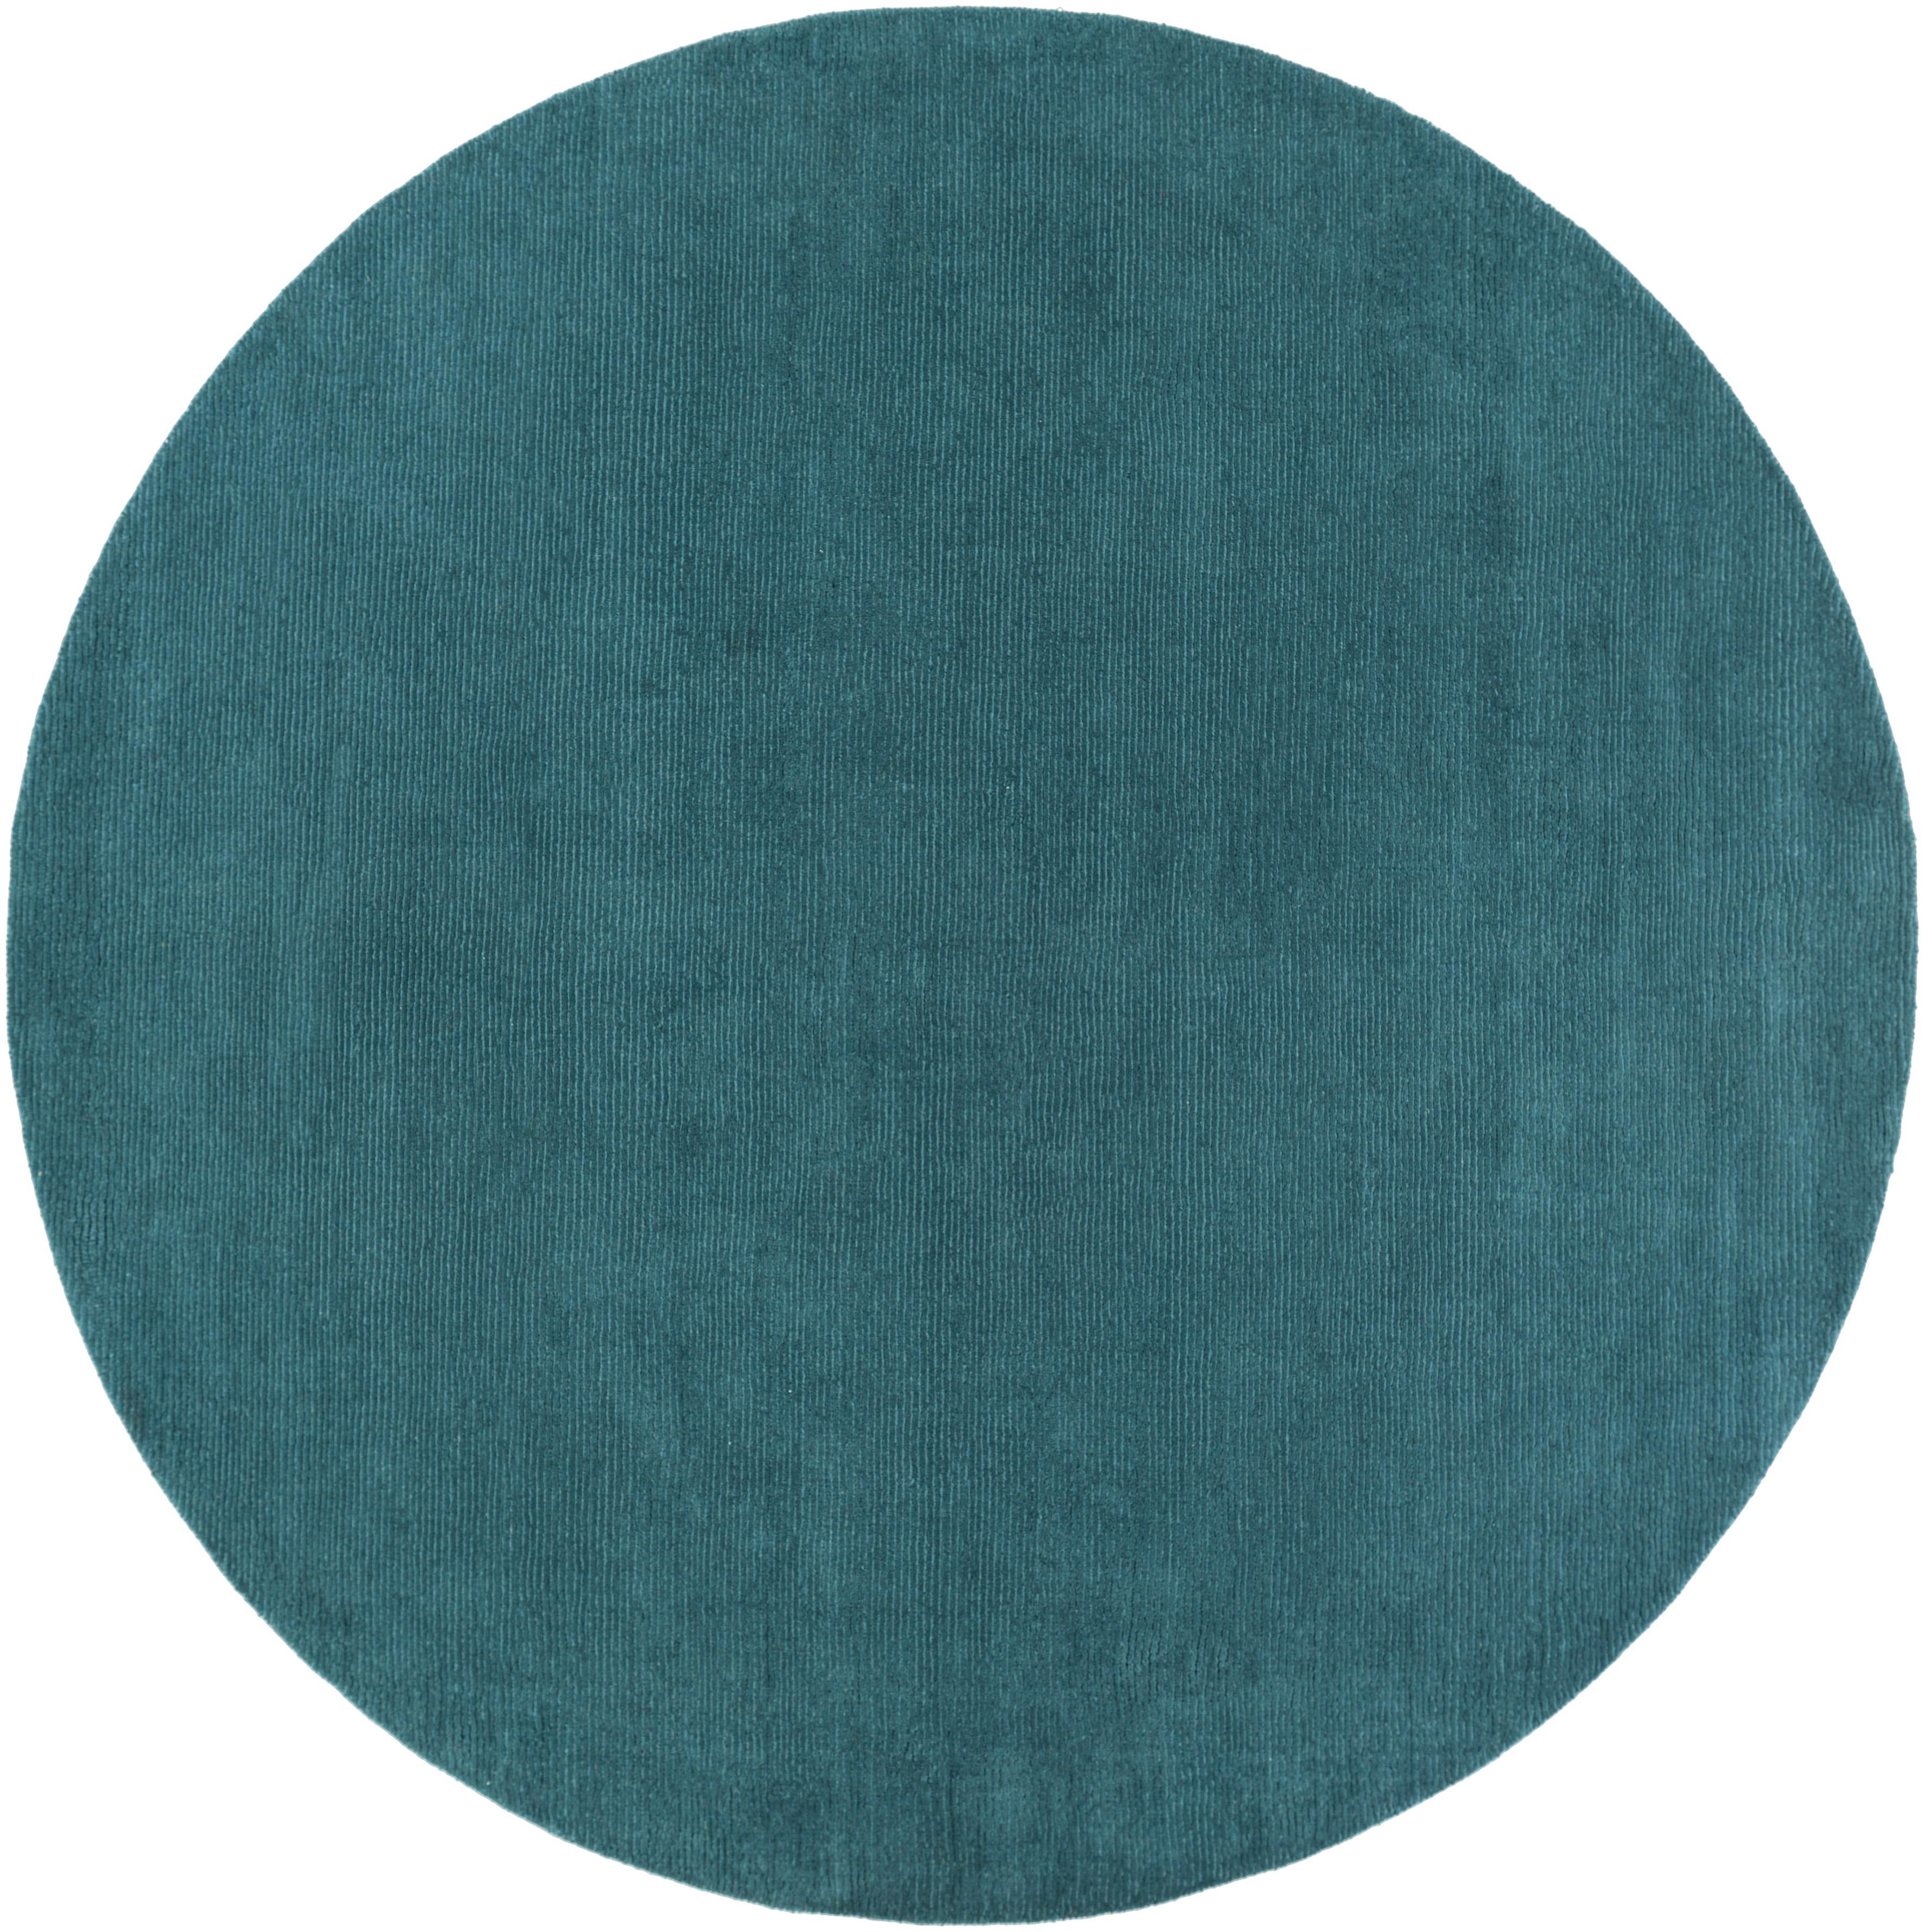 Surya Mystique 8' Round - Item Number: M5330-8RD